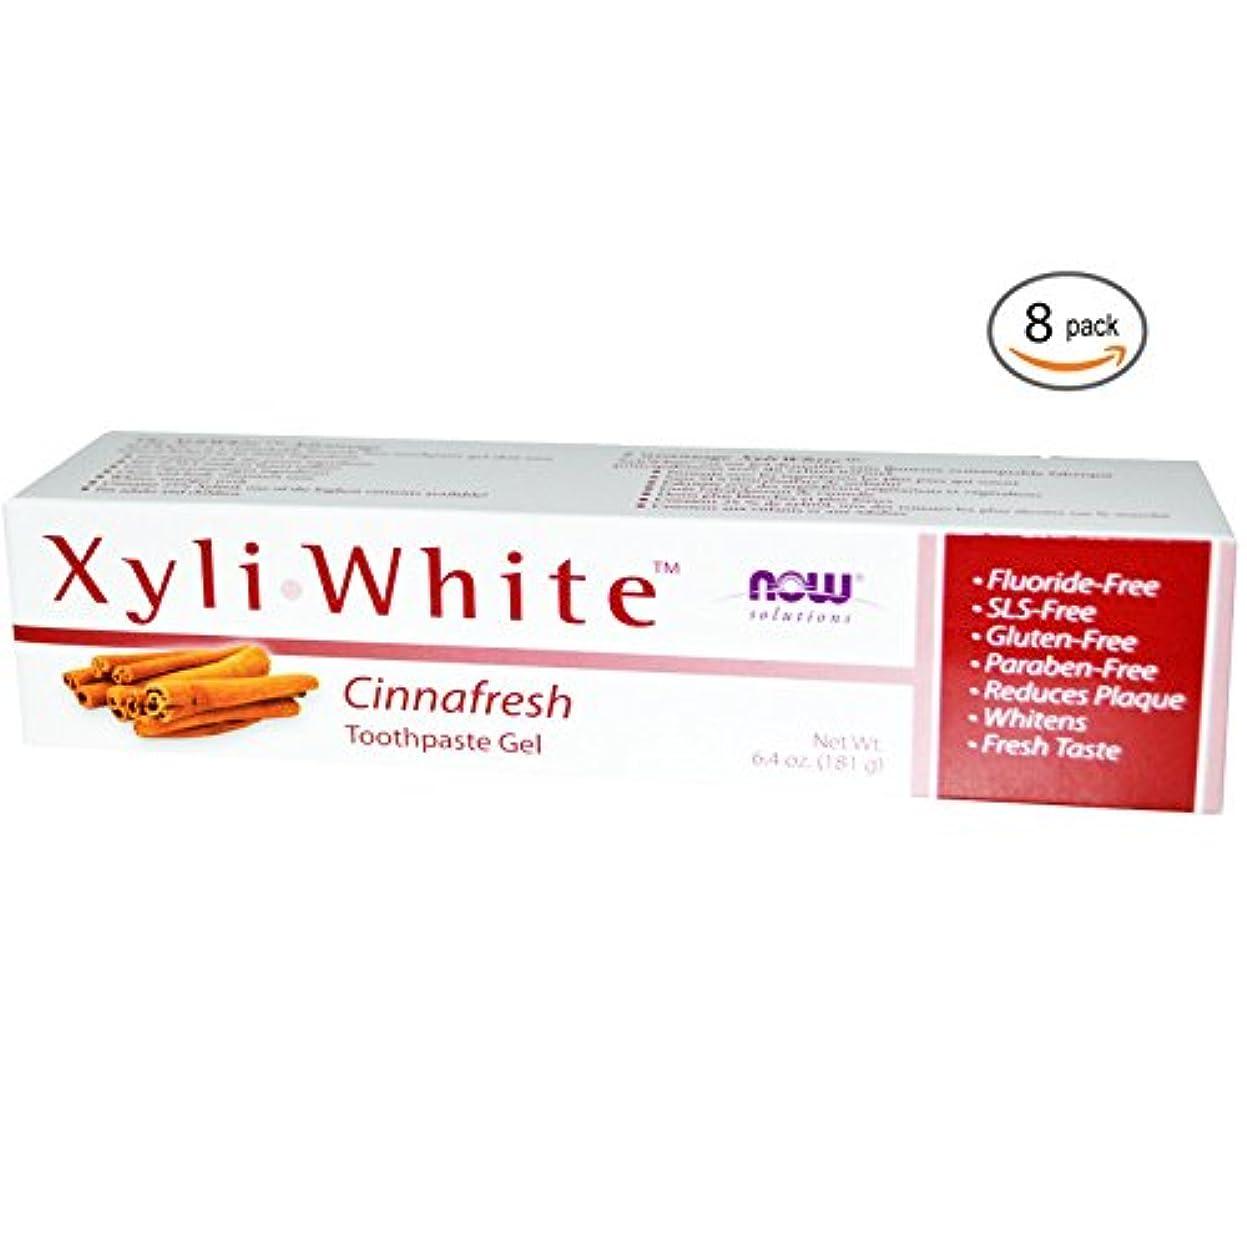 振る舞い信頼性のある祖先キシリホワイト 歯磨き粉 Cinnafresh  182g 5個パック